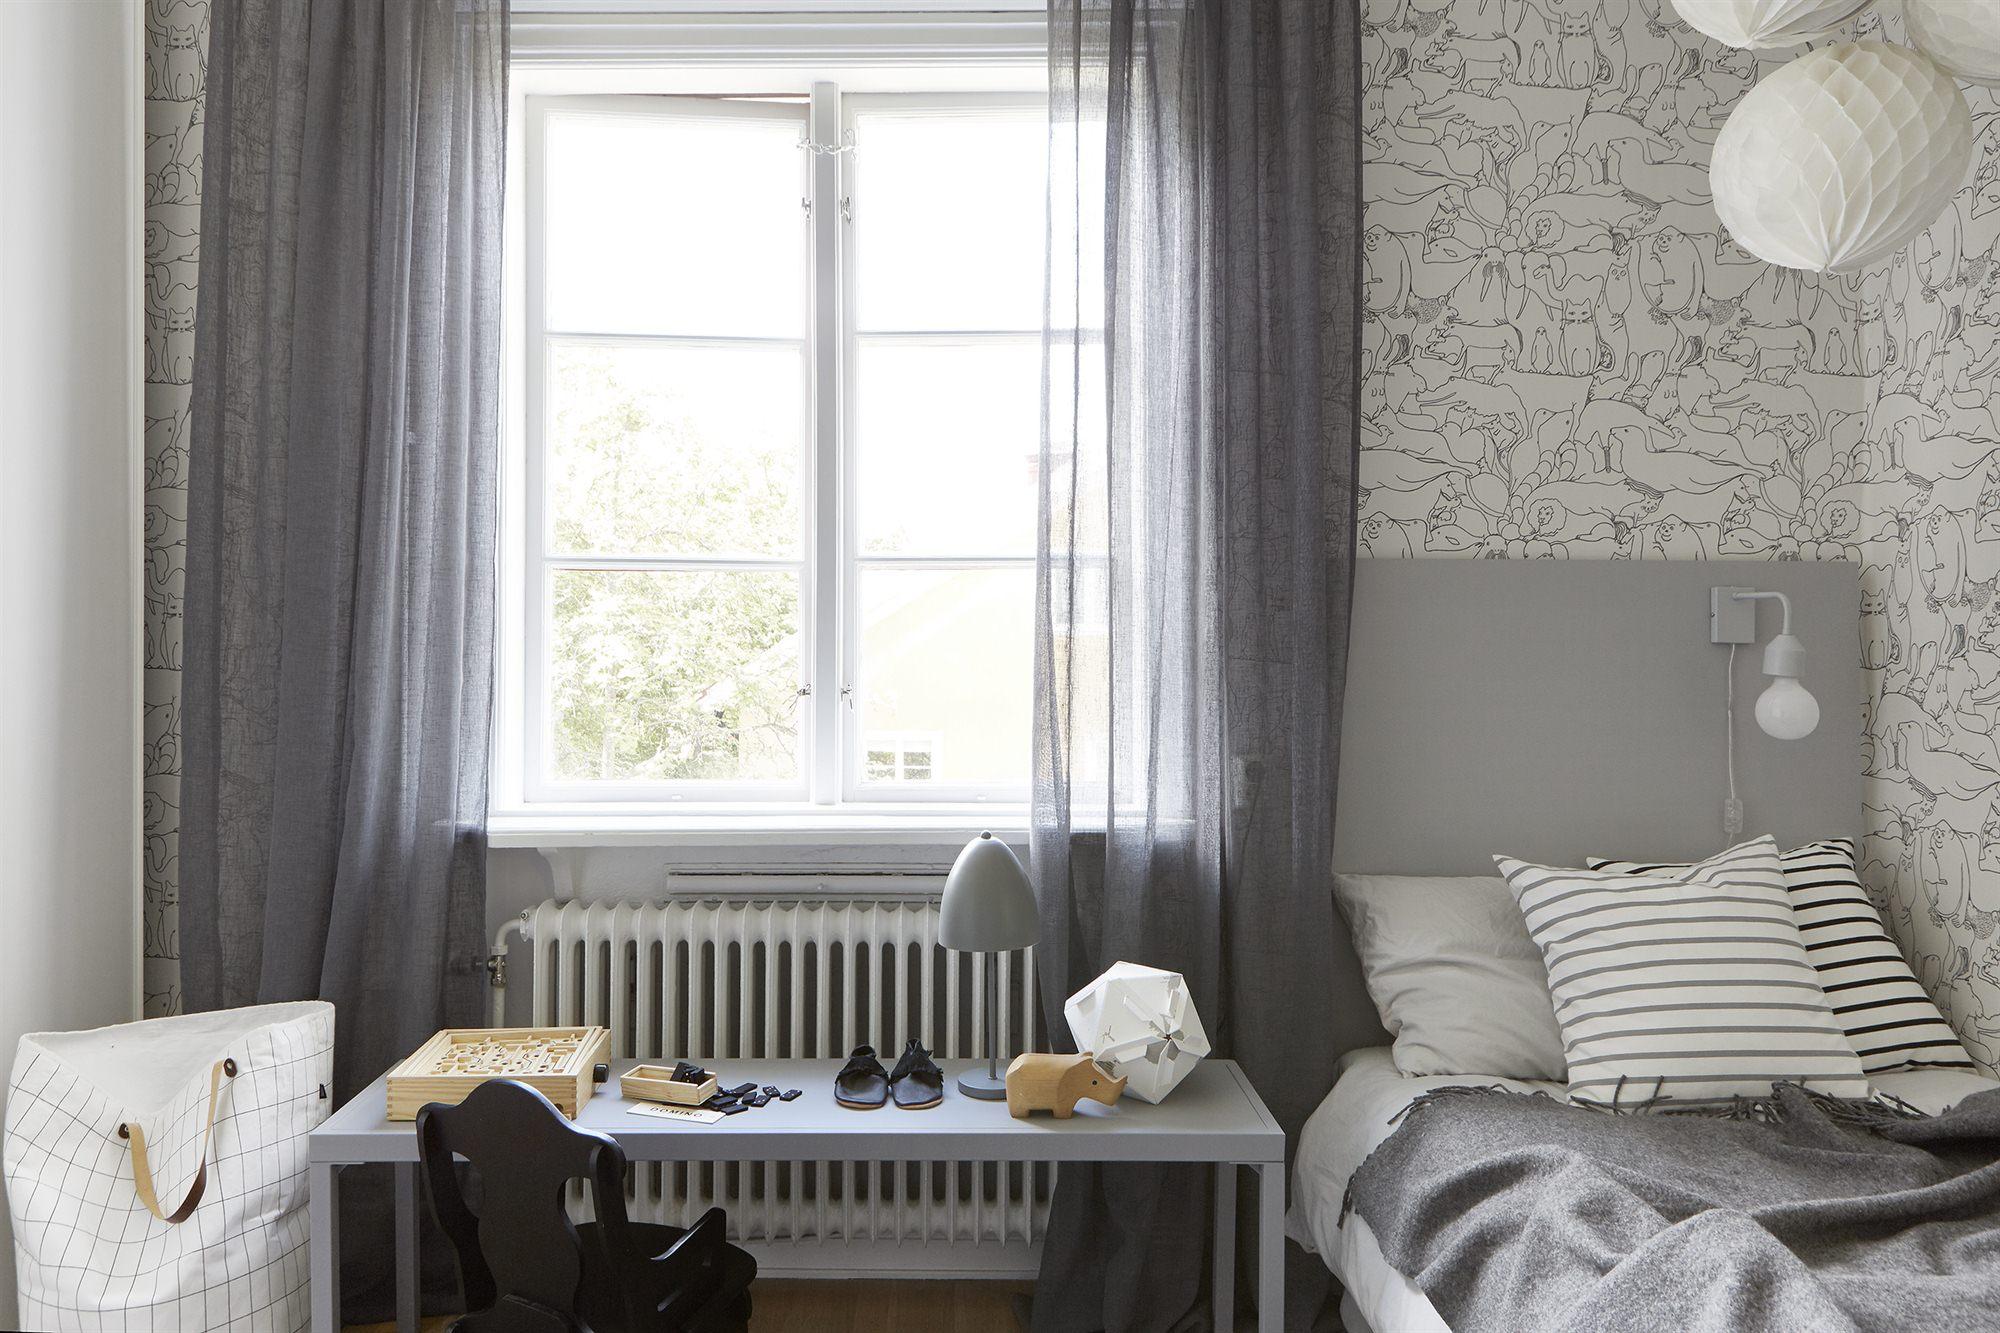 Interieur Ideeen Behang.Scandinavische Kinderkamer Met Leuk Dieren Behang Homease